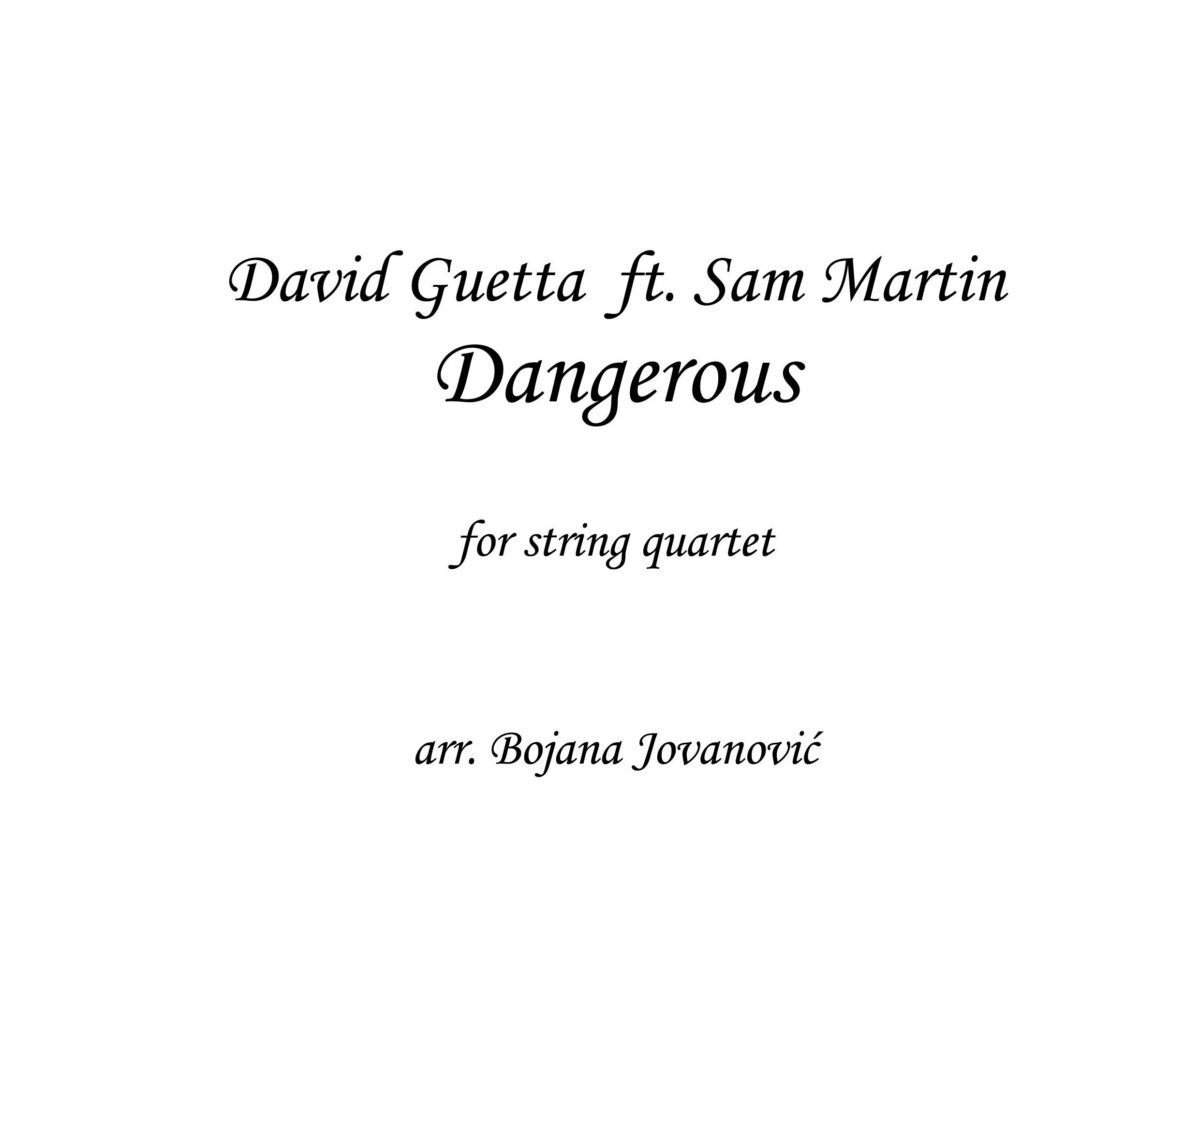 Dangerous (David Guetta) - Sheet Music